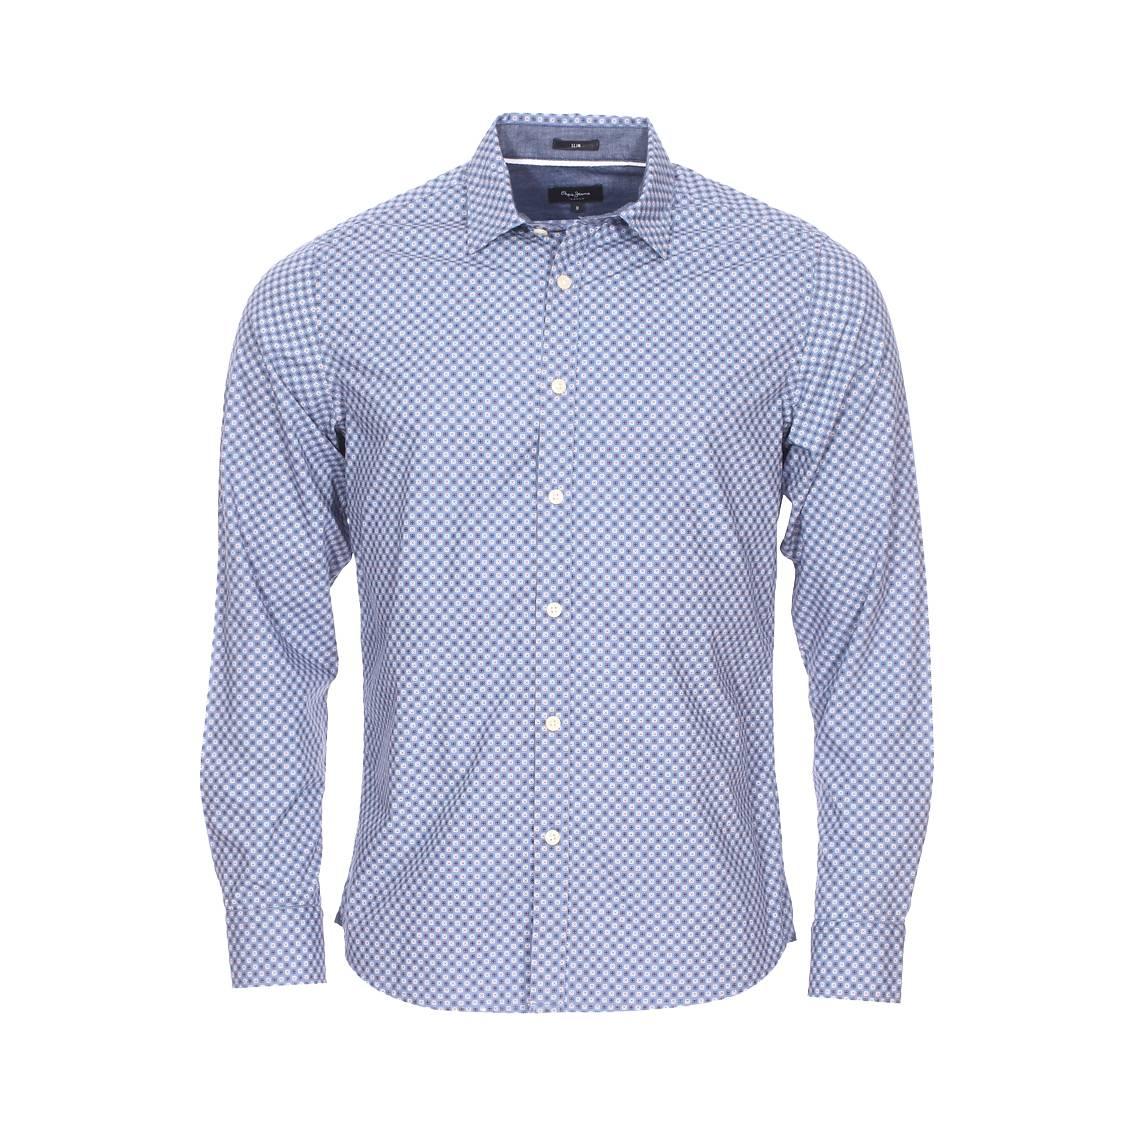 Chemise cintrée  mayward en coton bleu pastel à motif fantaisie